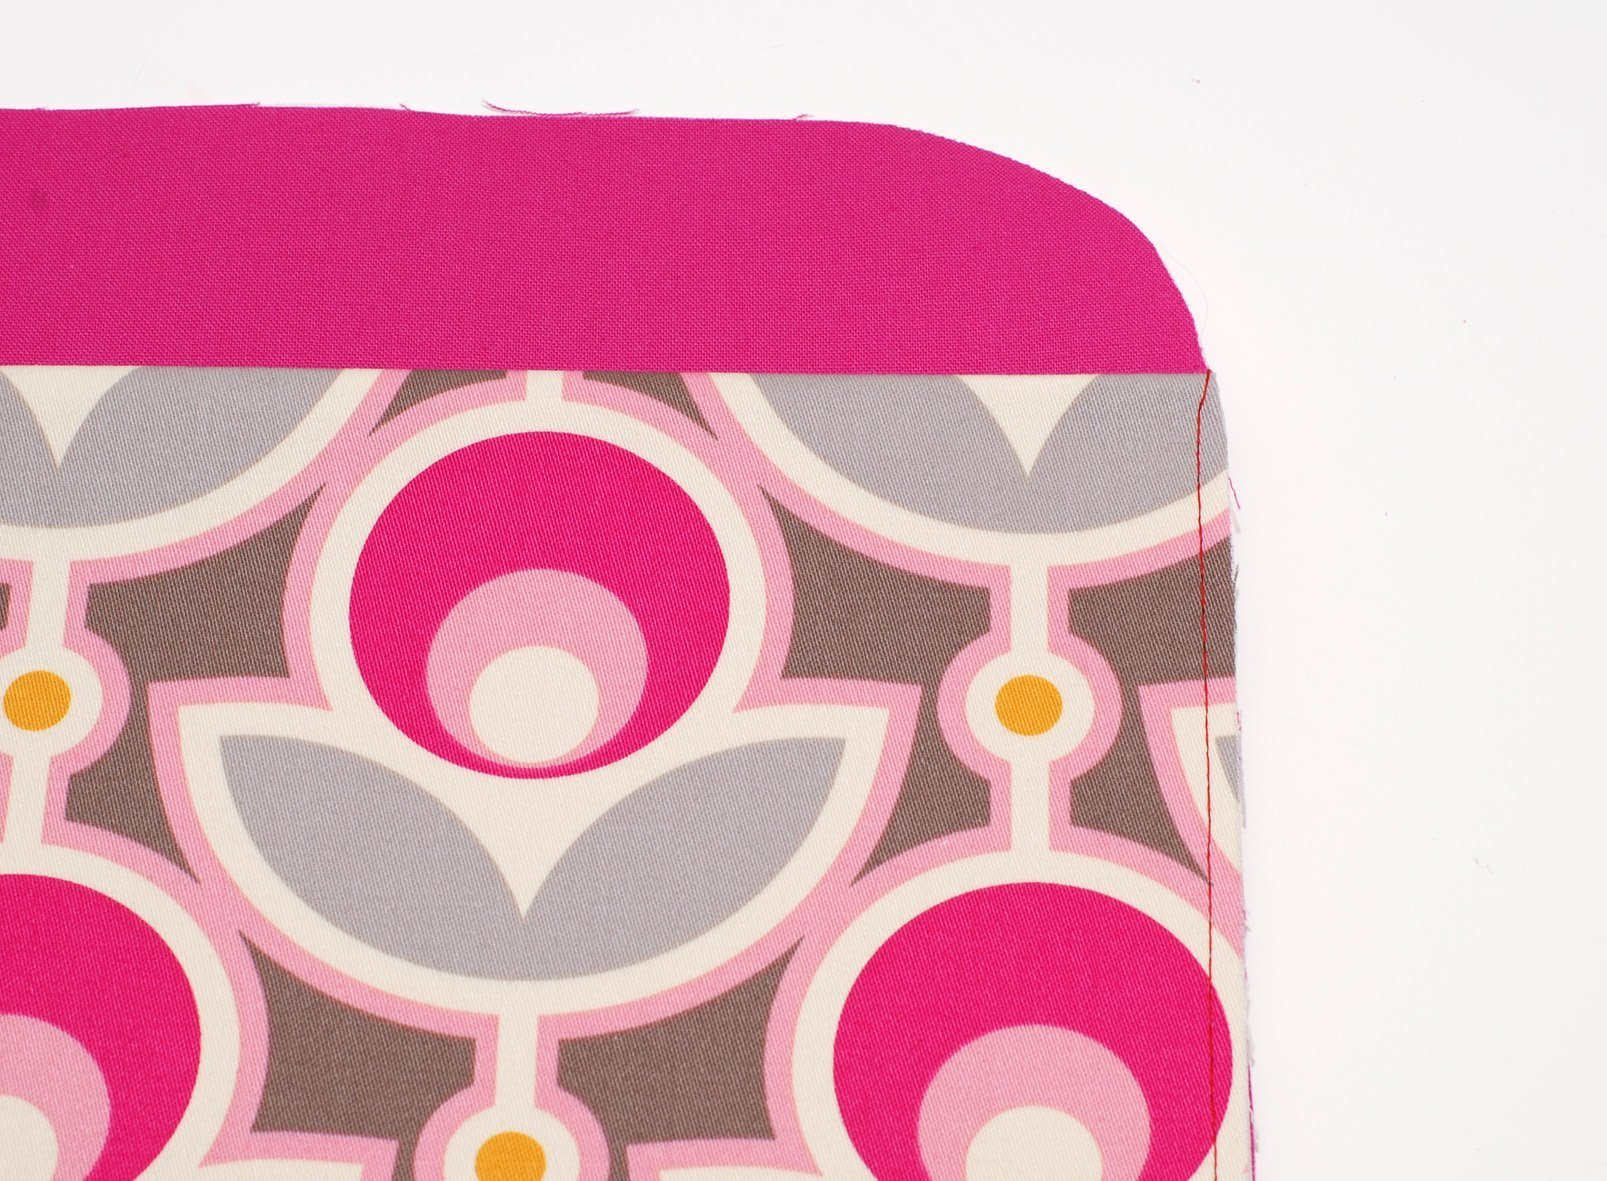 Ein neues Kleid für meine Bernina › BERNINA Blog -> Nähmaschine Erfindung